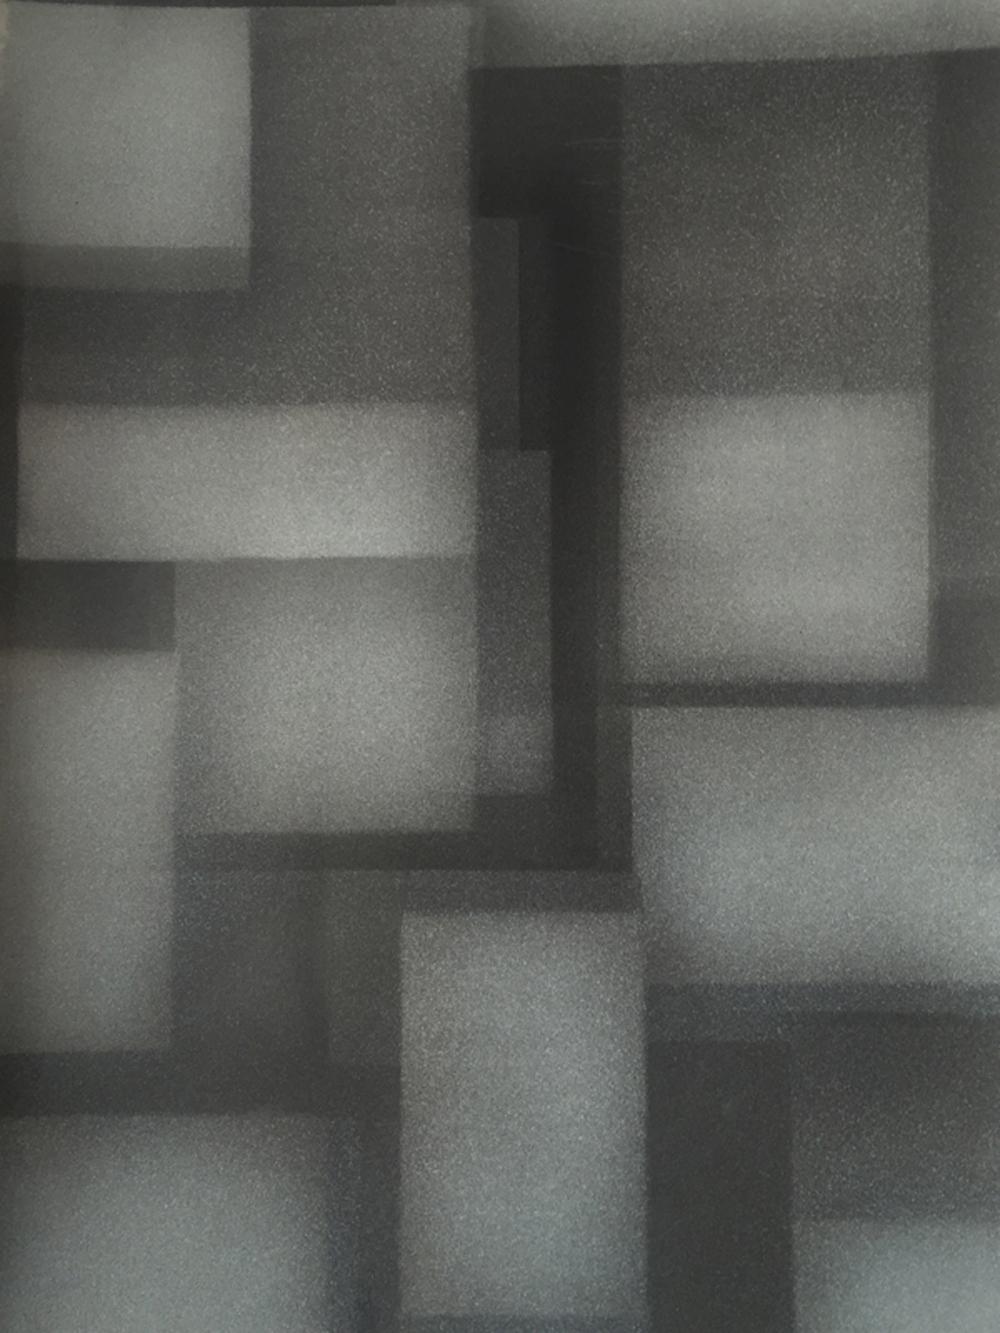 Senza titolo, 2016, tempera e inchiostro su carta montata su tela, cm 50x36